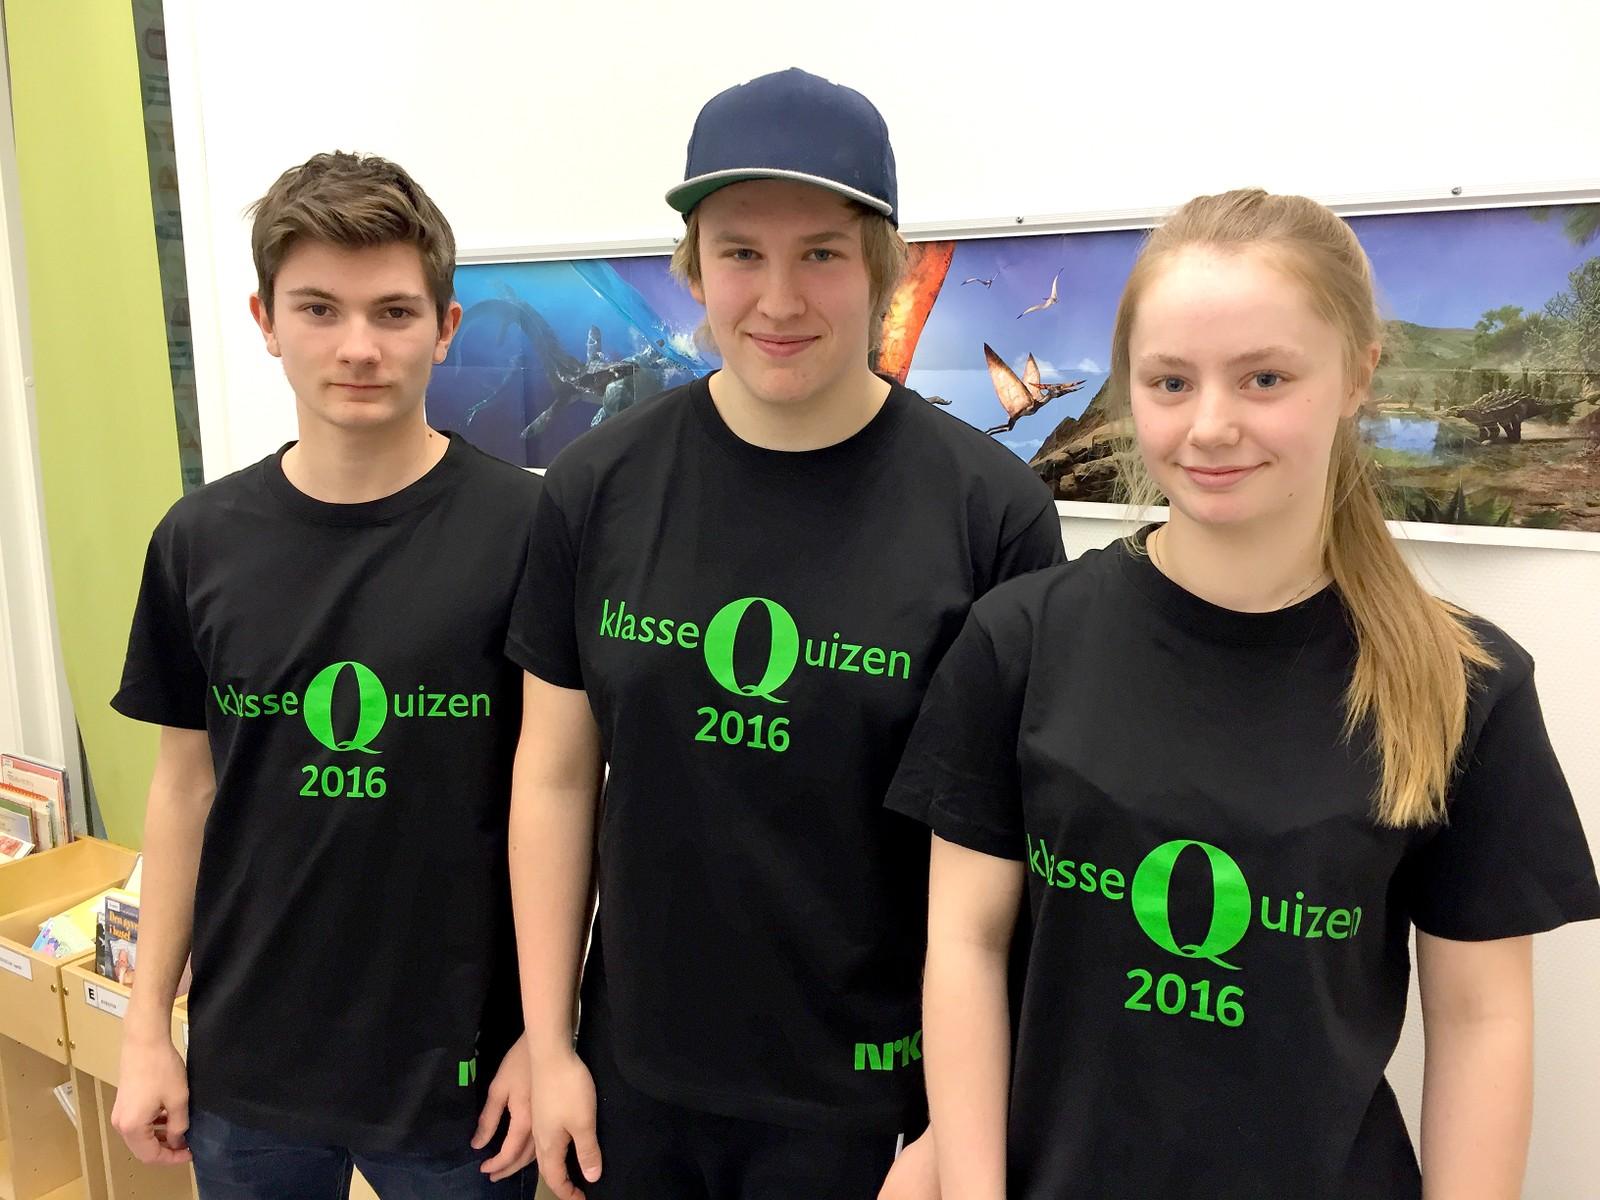 Endre Veie Rosvoll, Sebastian Lyng Malmo og Tonje Hallem Østvik fra Vuku oppvekstsenter fikk 9 poeng av 12 mulige.